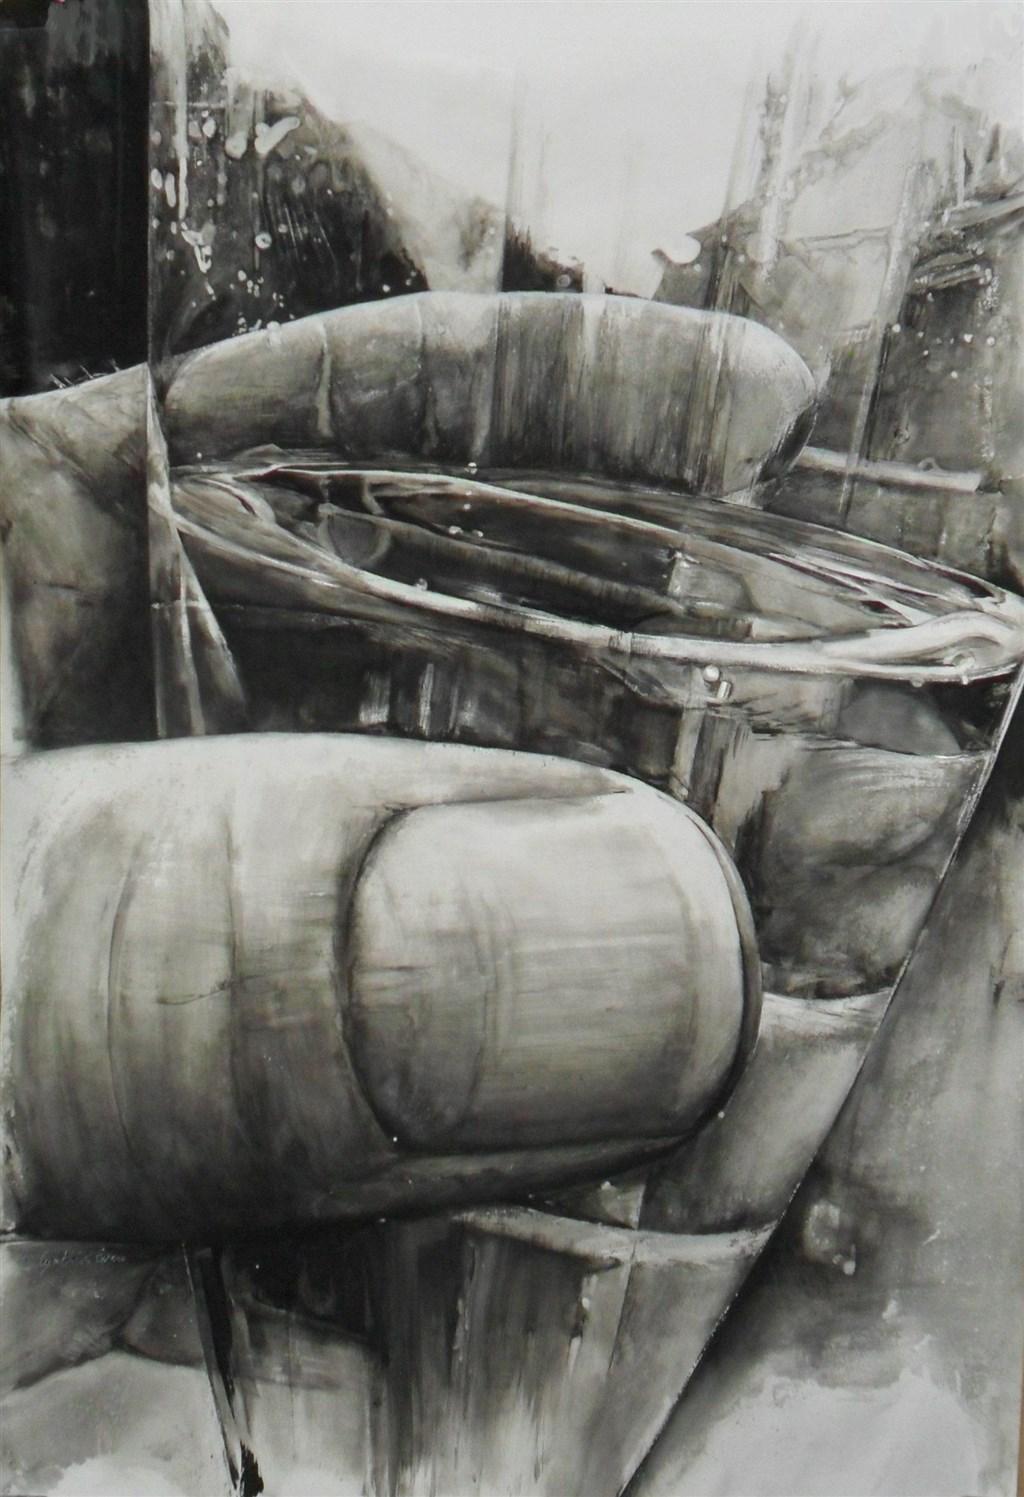 Quelle: Kunstroute Weser-Göhl - Bild von Cynthia Evers